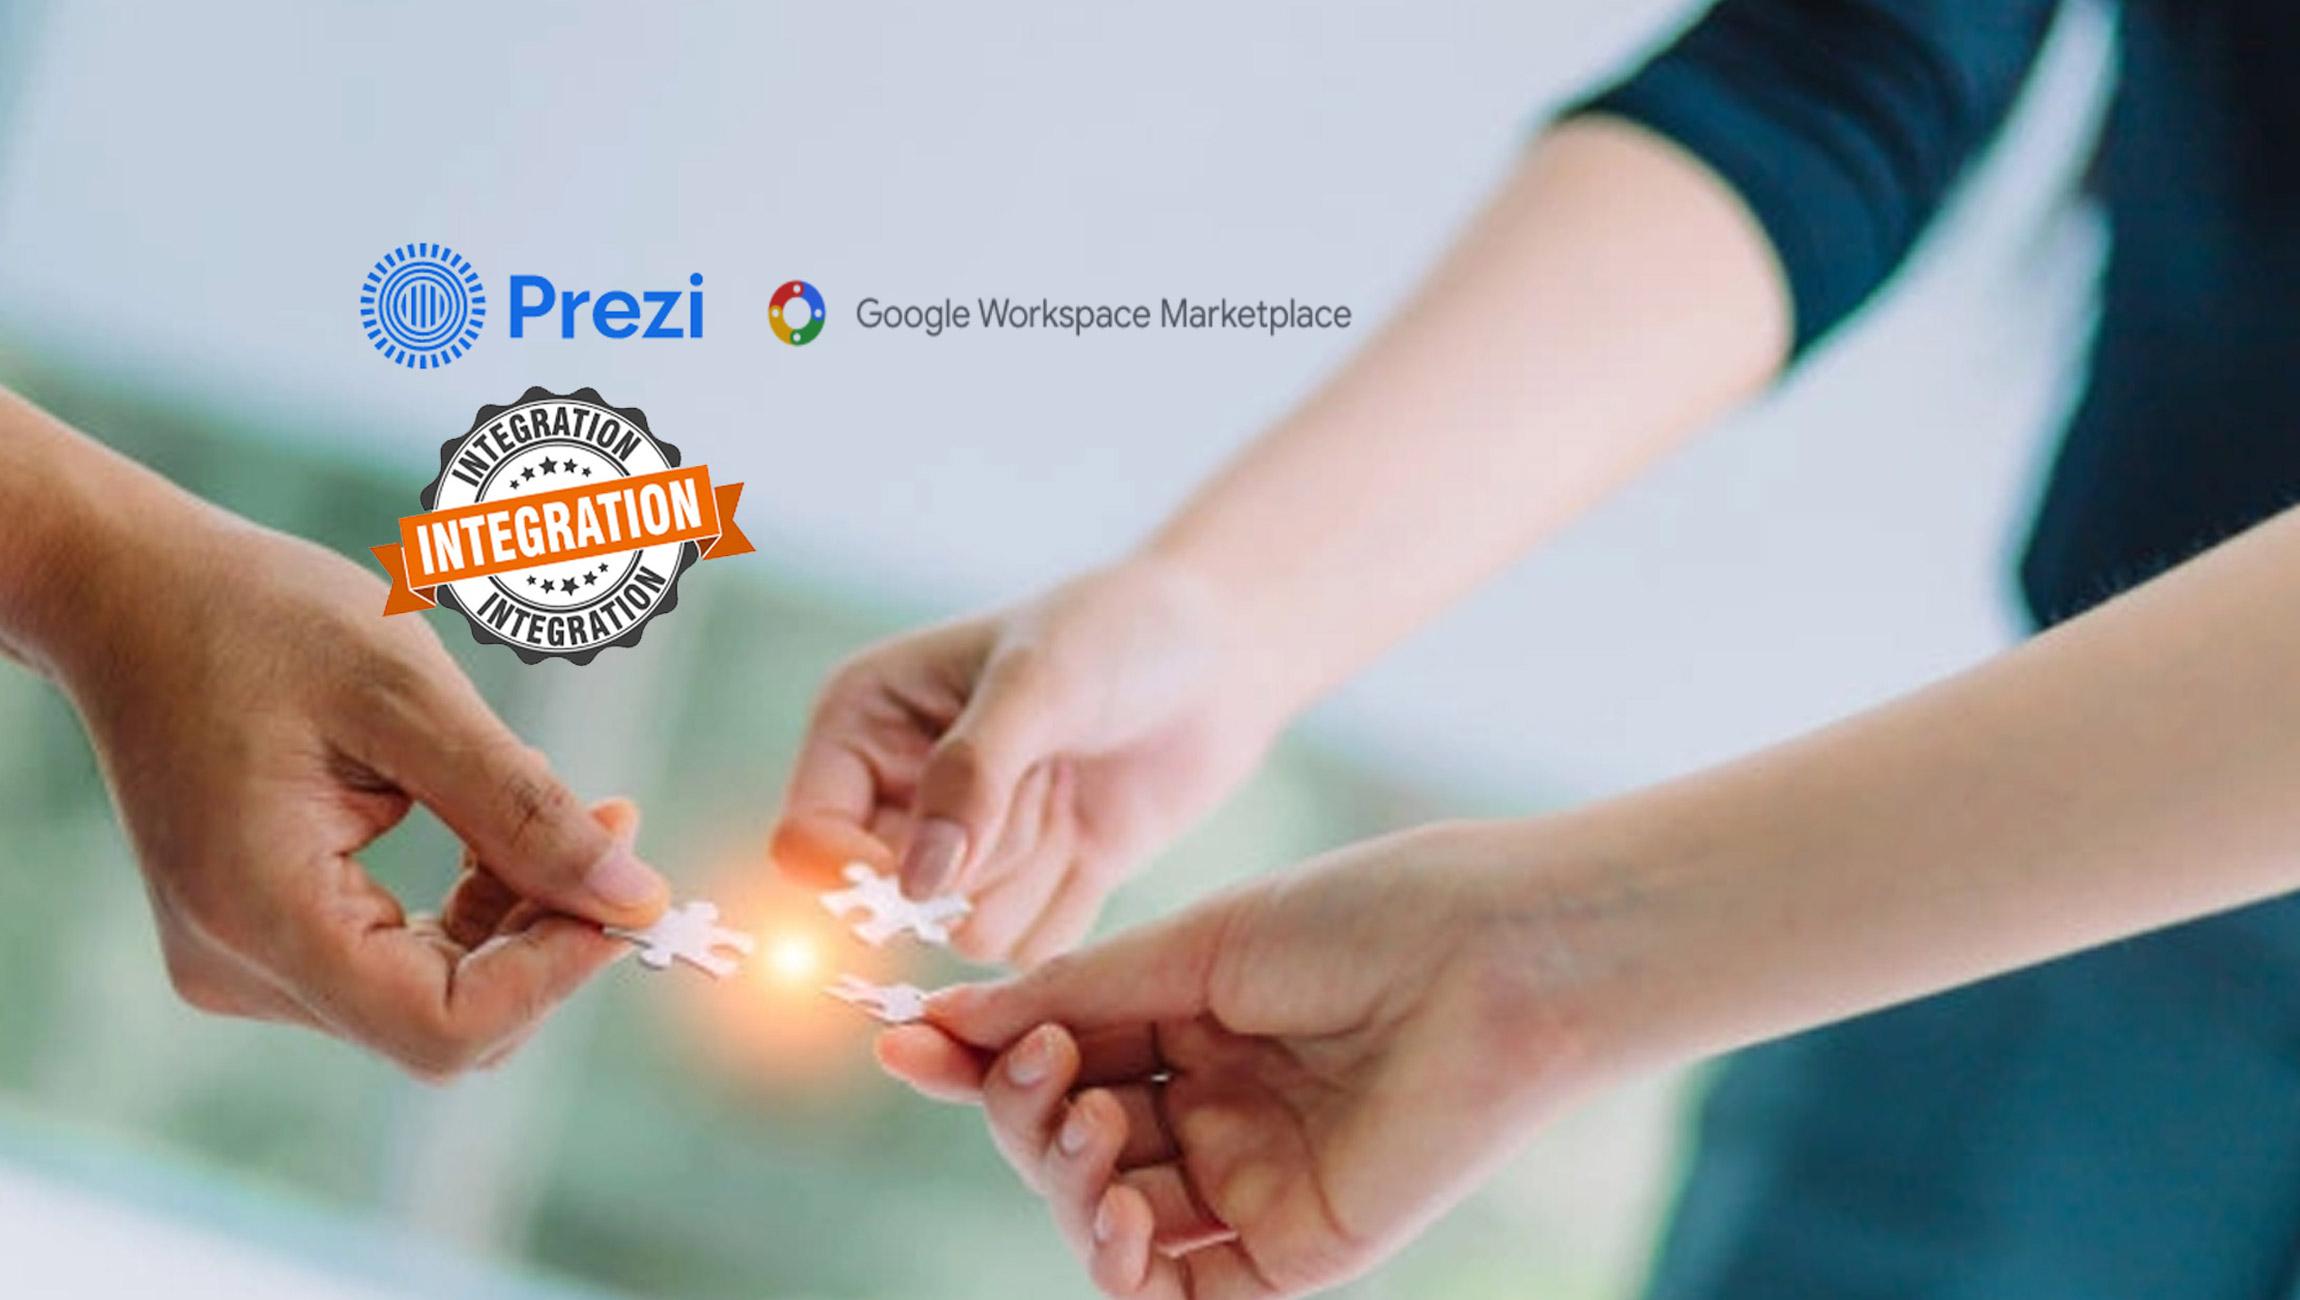 Prezi Video Announces Integration With Google Workspace Marketplace